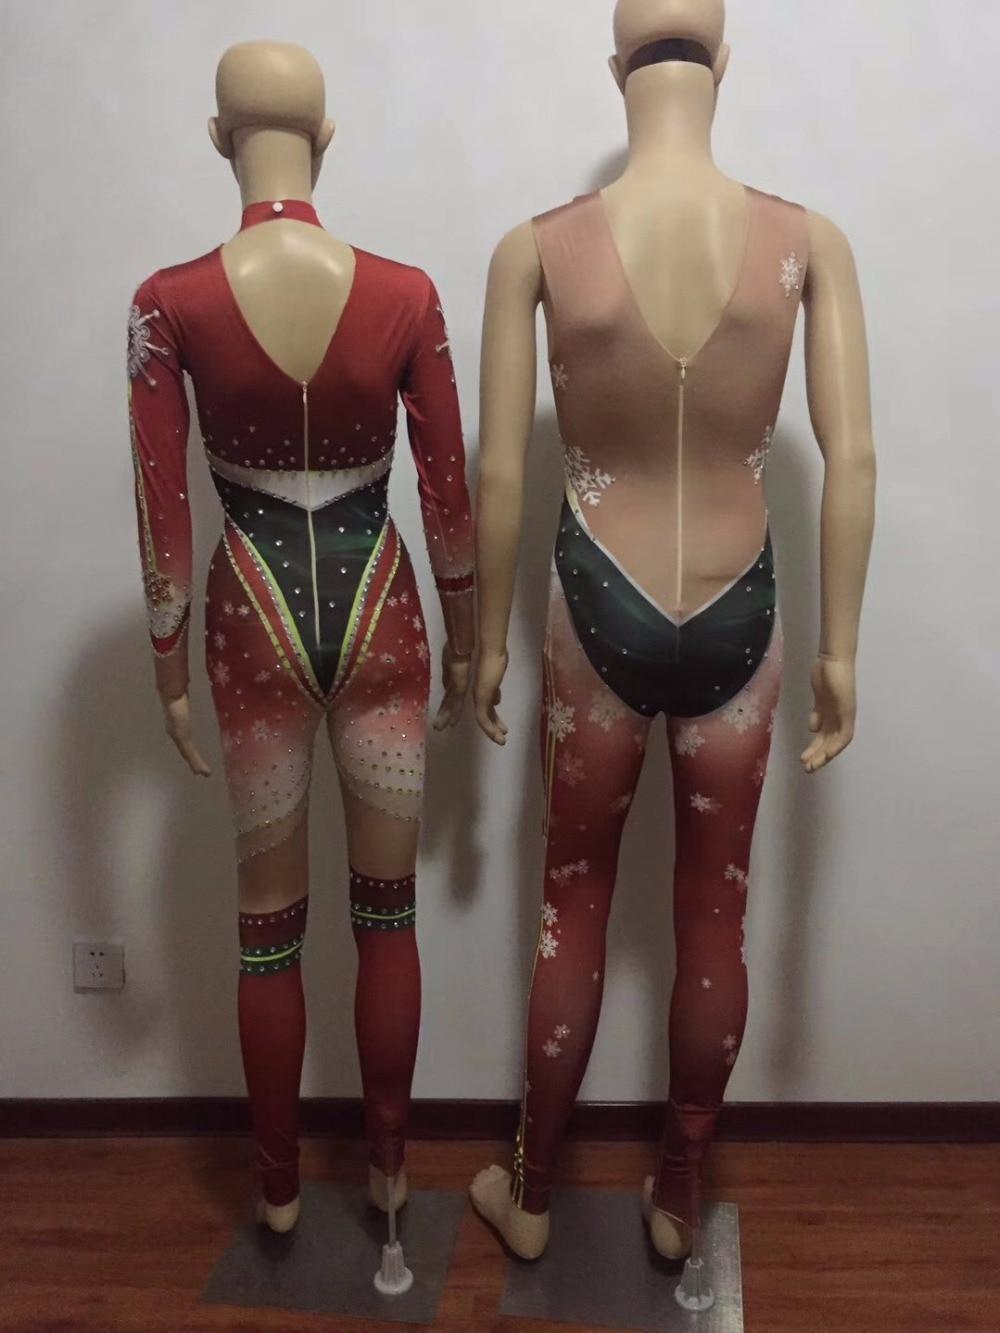 Nuit Jumpsuit Cristaux Women Mousseux Costumes Scène men Jumpsuit Noël Sexy Danse Femmes Pour Costume Boîte Chanteur Body Salopette Hommes De w0qx8naPT